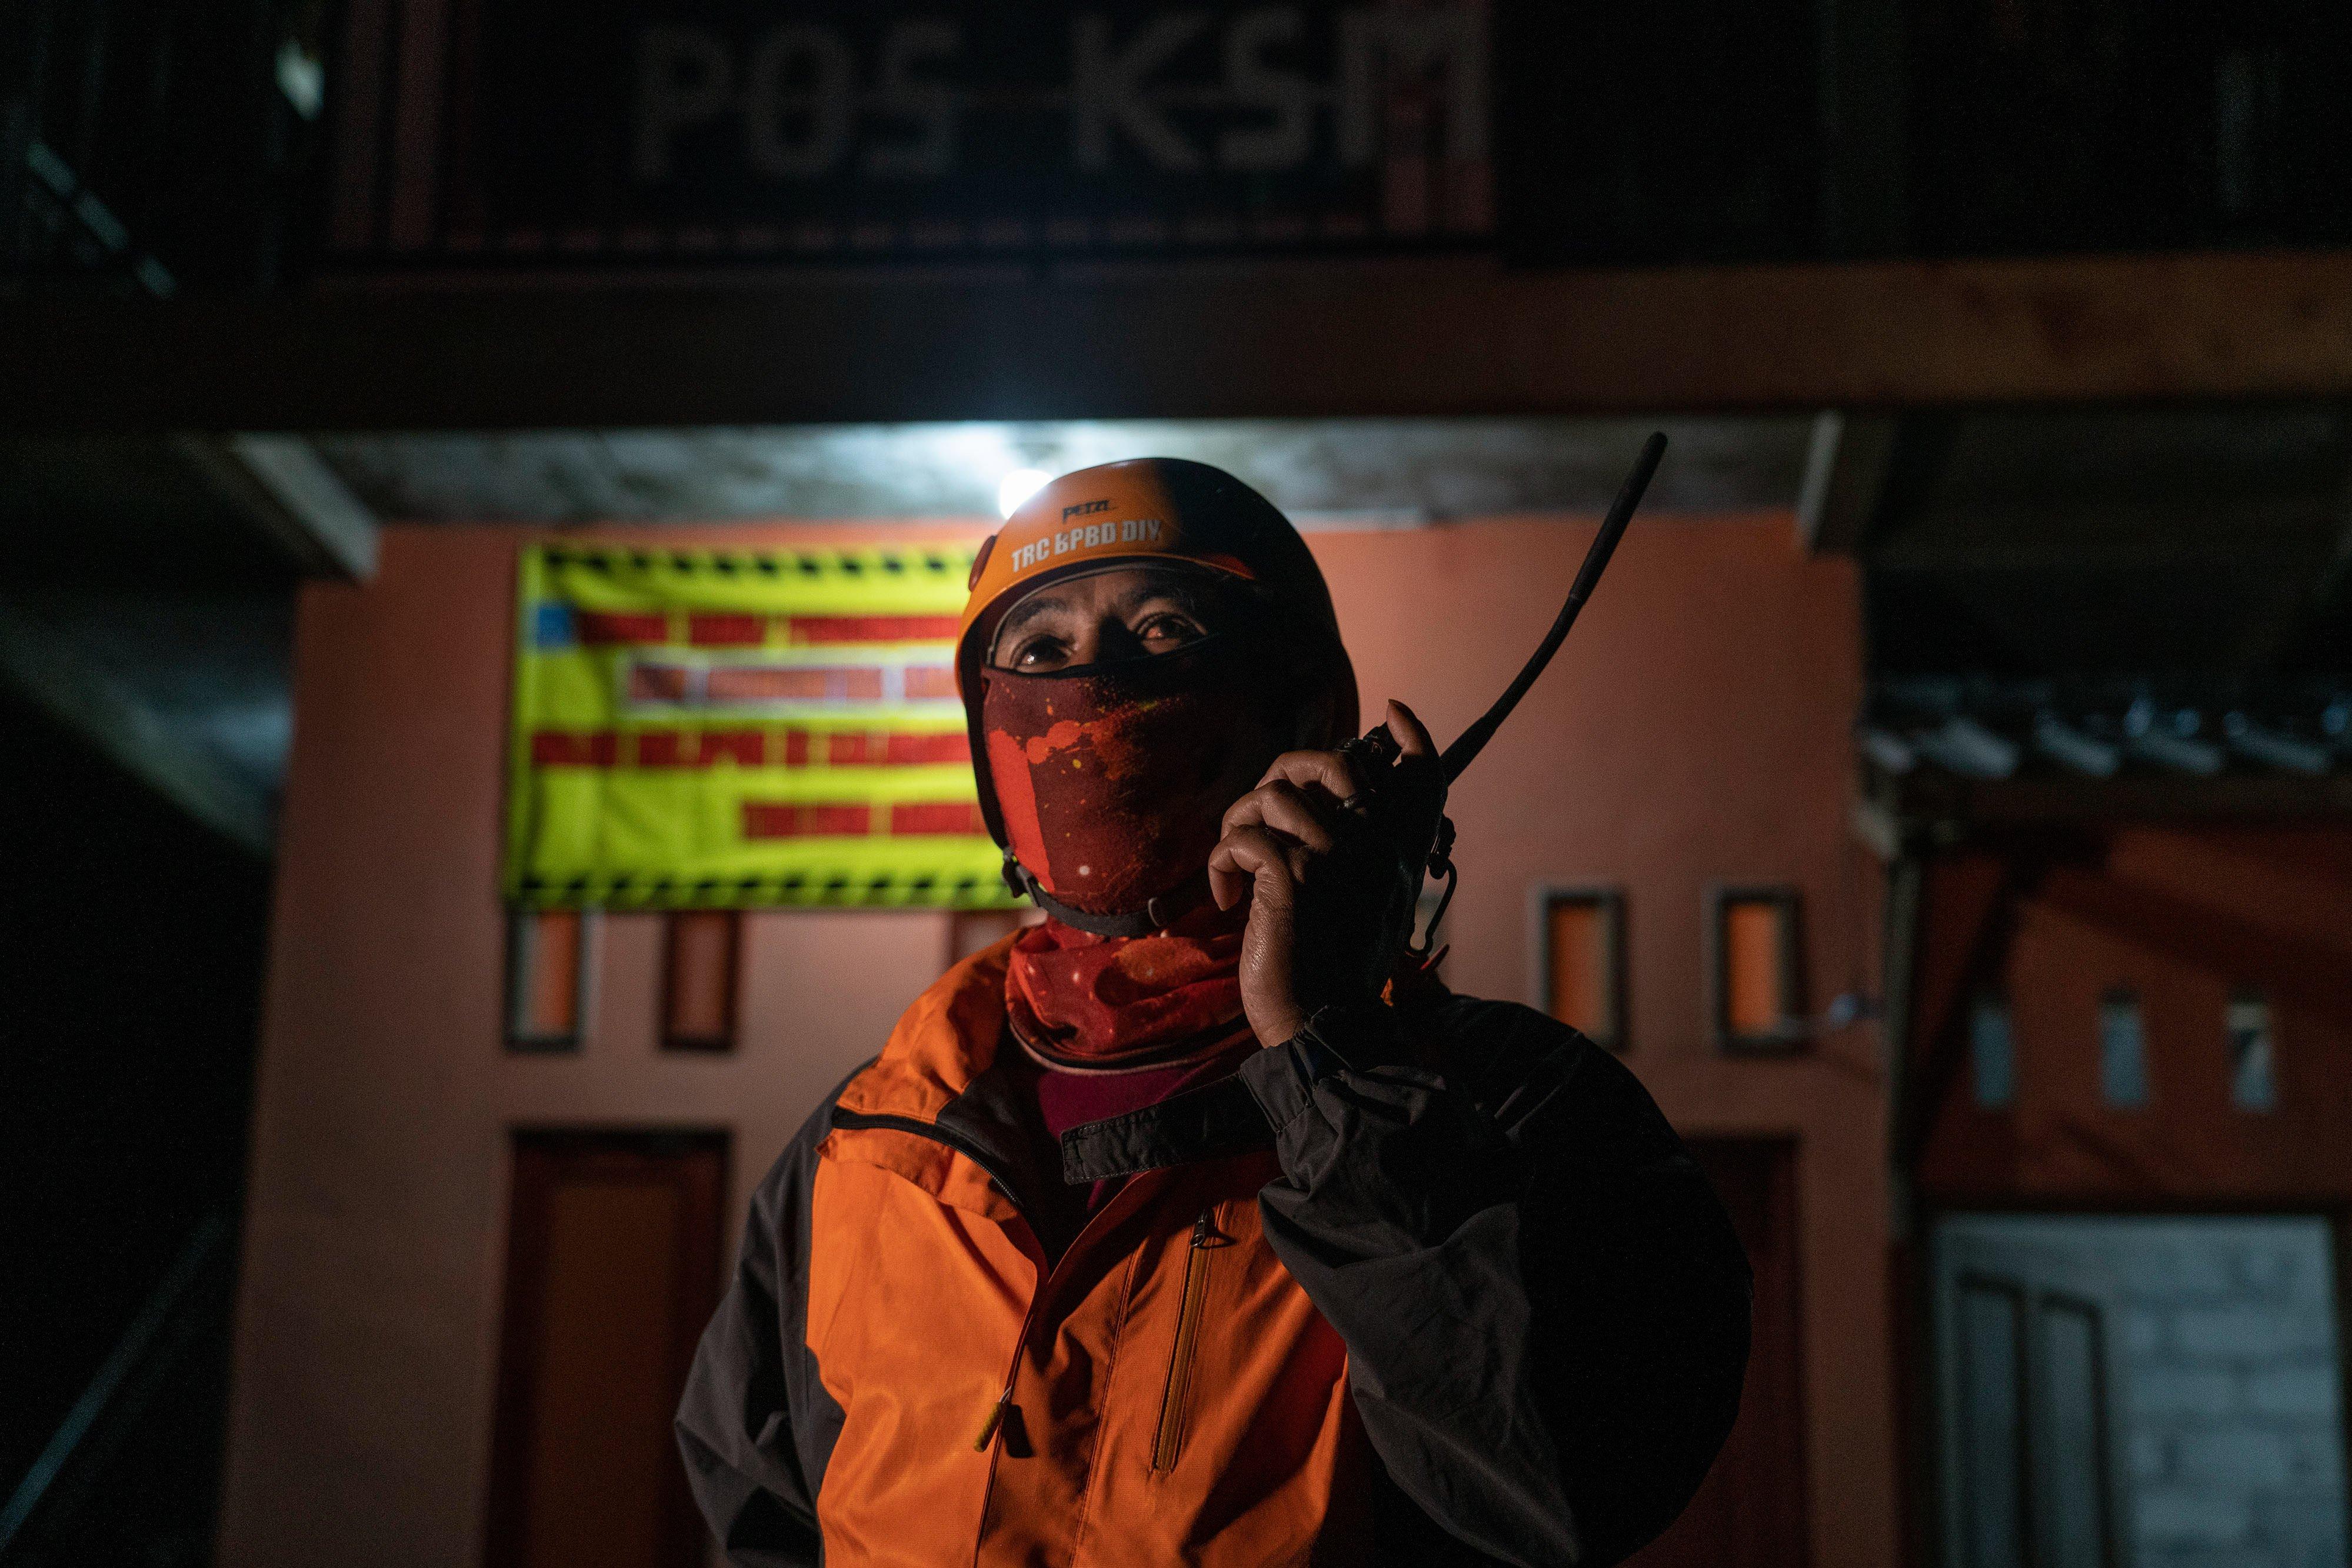 Anggota Tim Reaksi Cepat (TRC) BPBD DIY berkomunikasi menggunakan radio komunikasi di pos pantau Desa Glagaharjo, Cangkringan, Sleman, DI Yogyakarta.